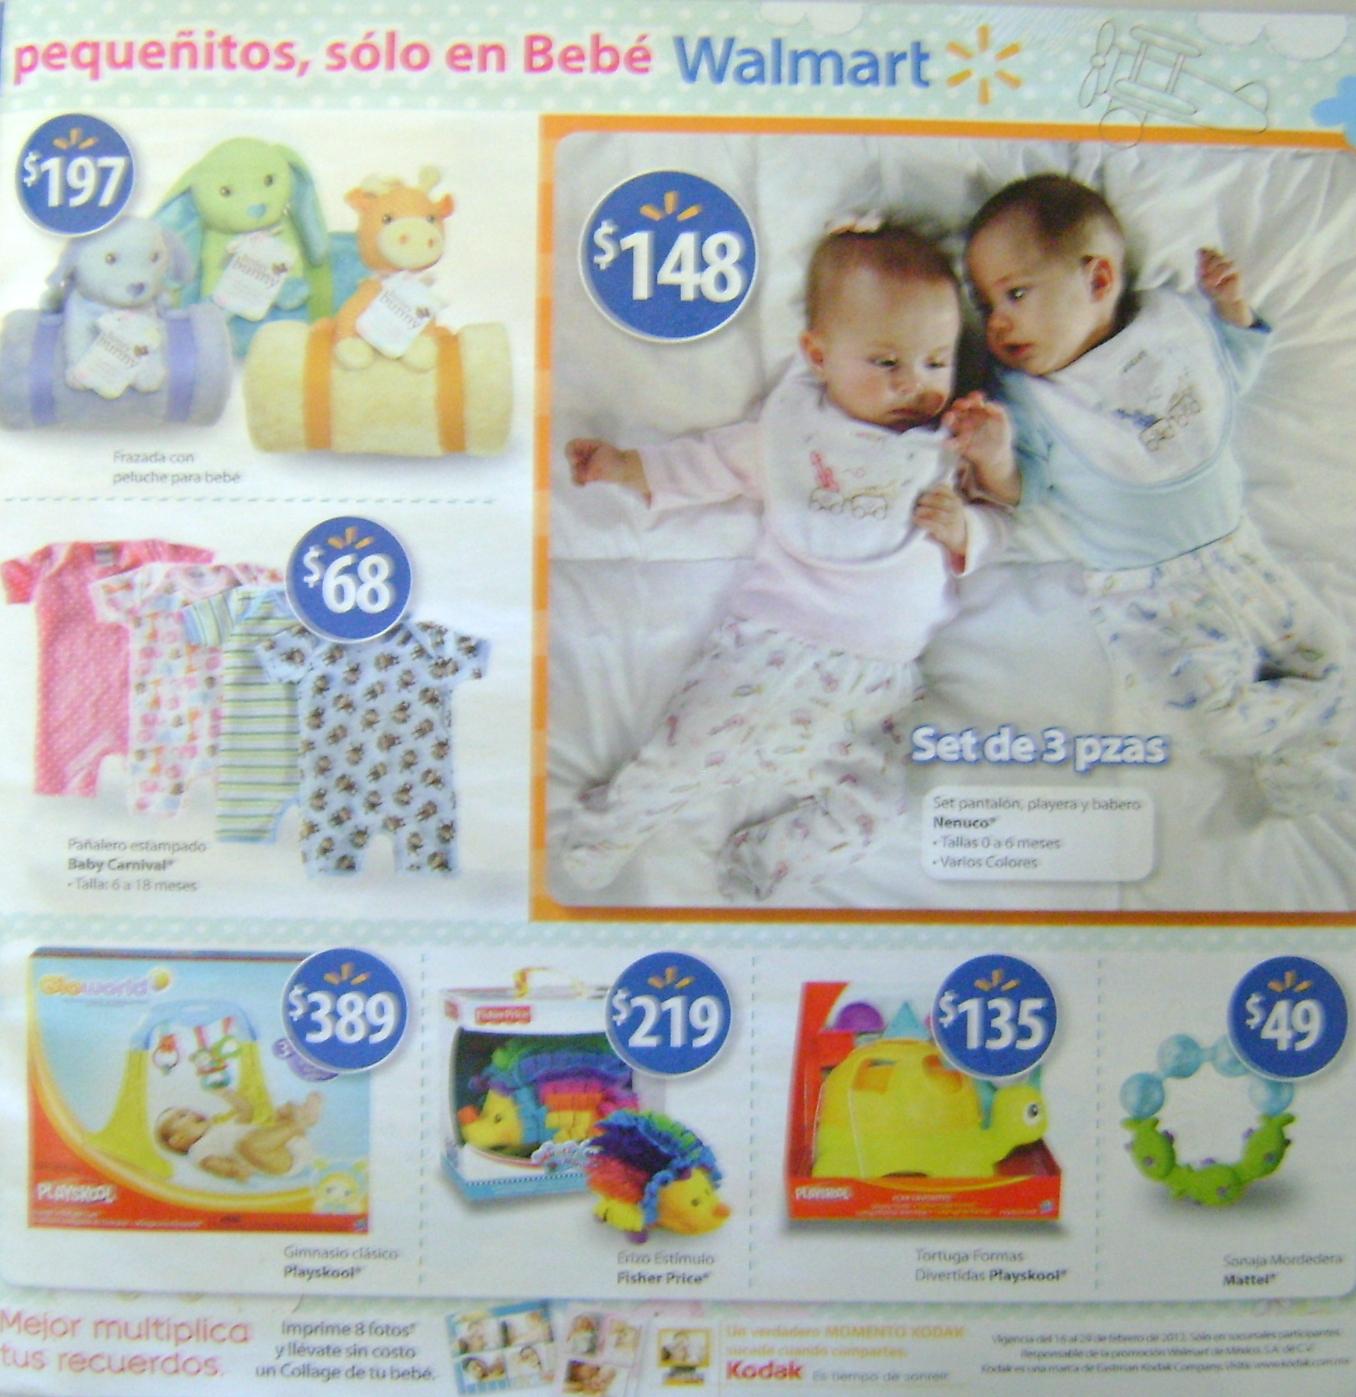 ... primera impresión pues es probable que algunos productos estén casi al  mismo precio que en otros lugares o que en el mismo Walmart en tiempo